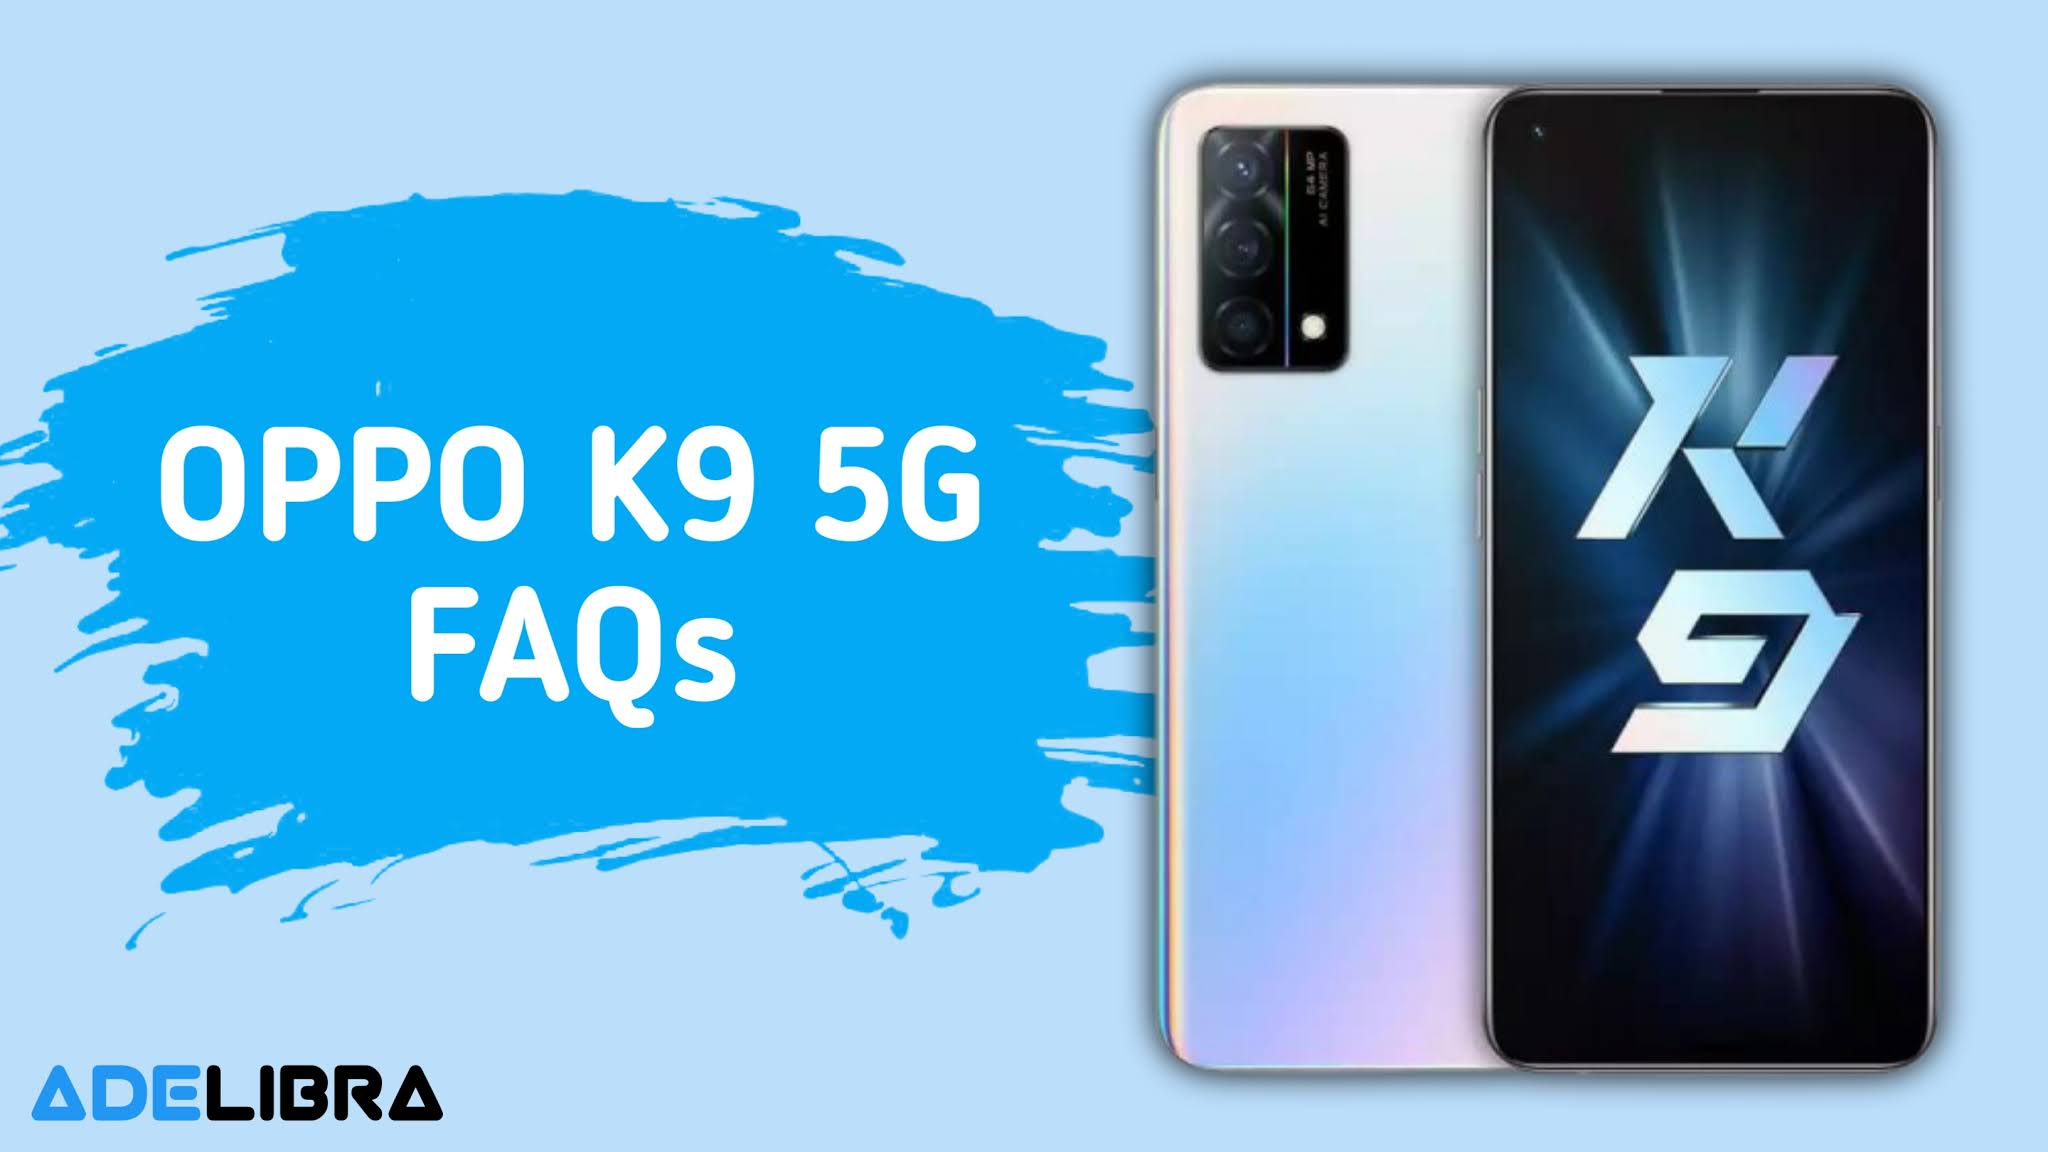 Oppo K9 FAQs